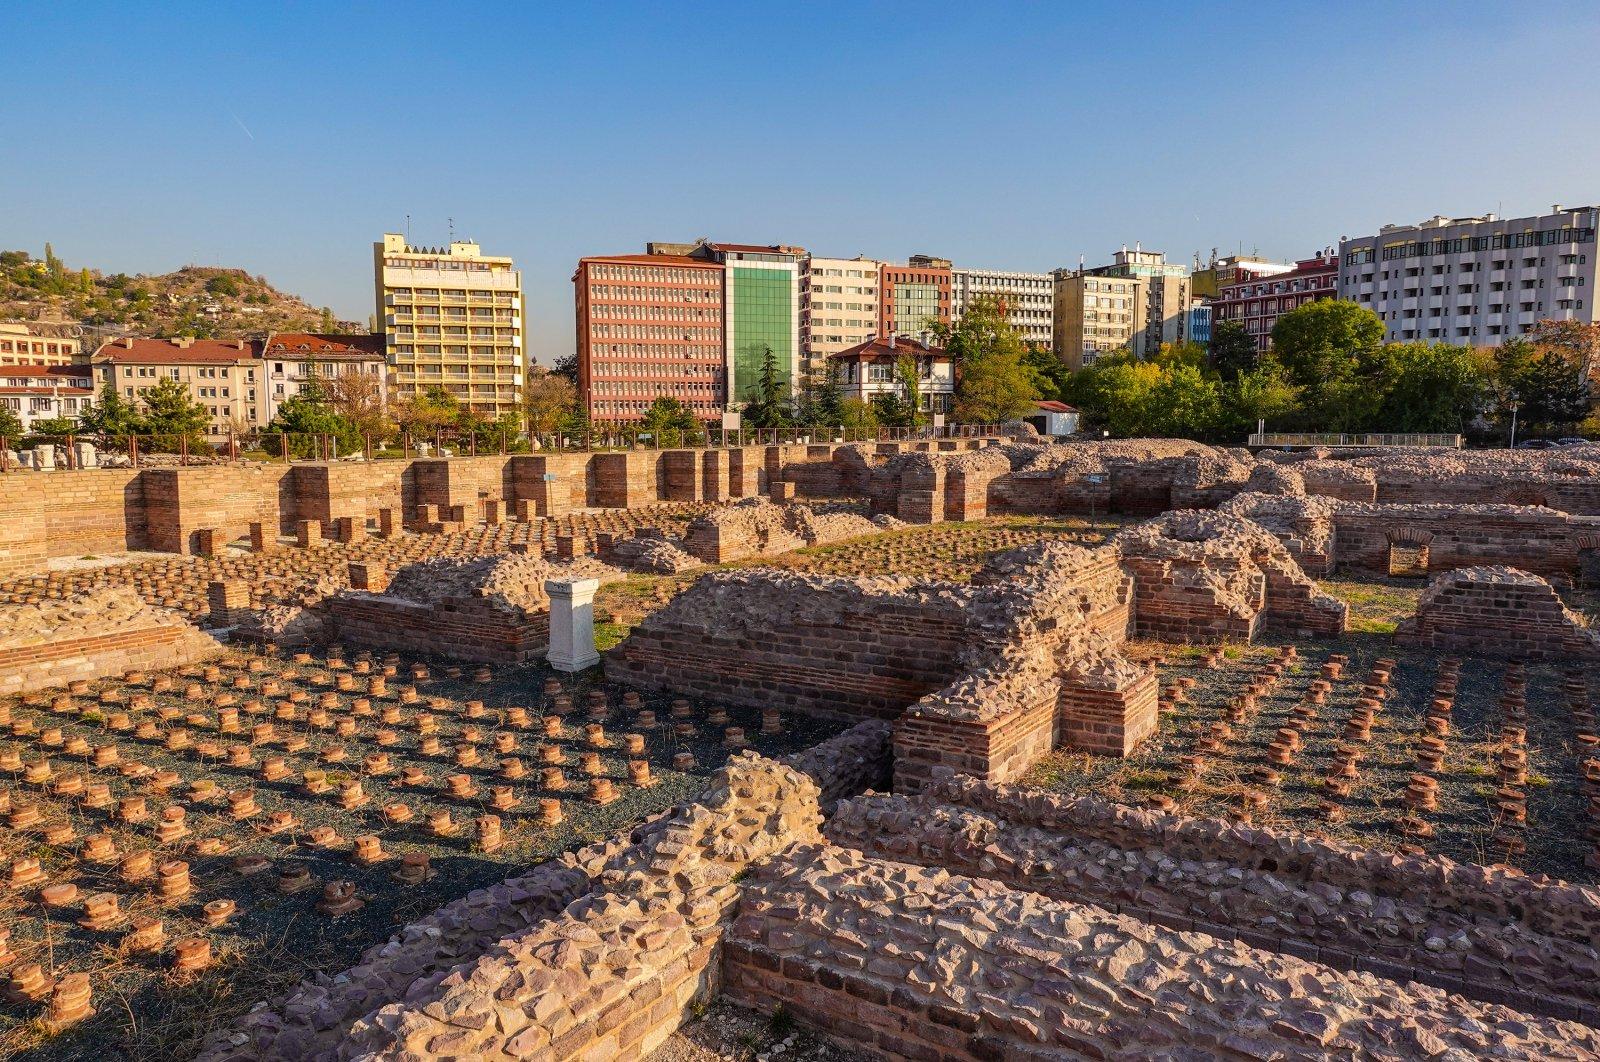 The Roman Bath. (Photo by Argun Konuk)